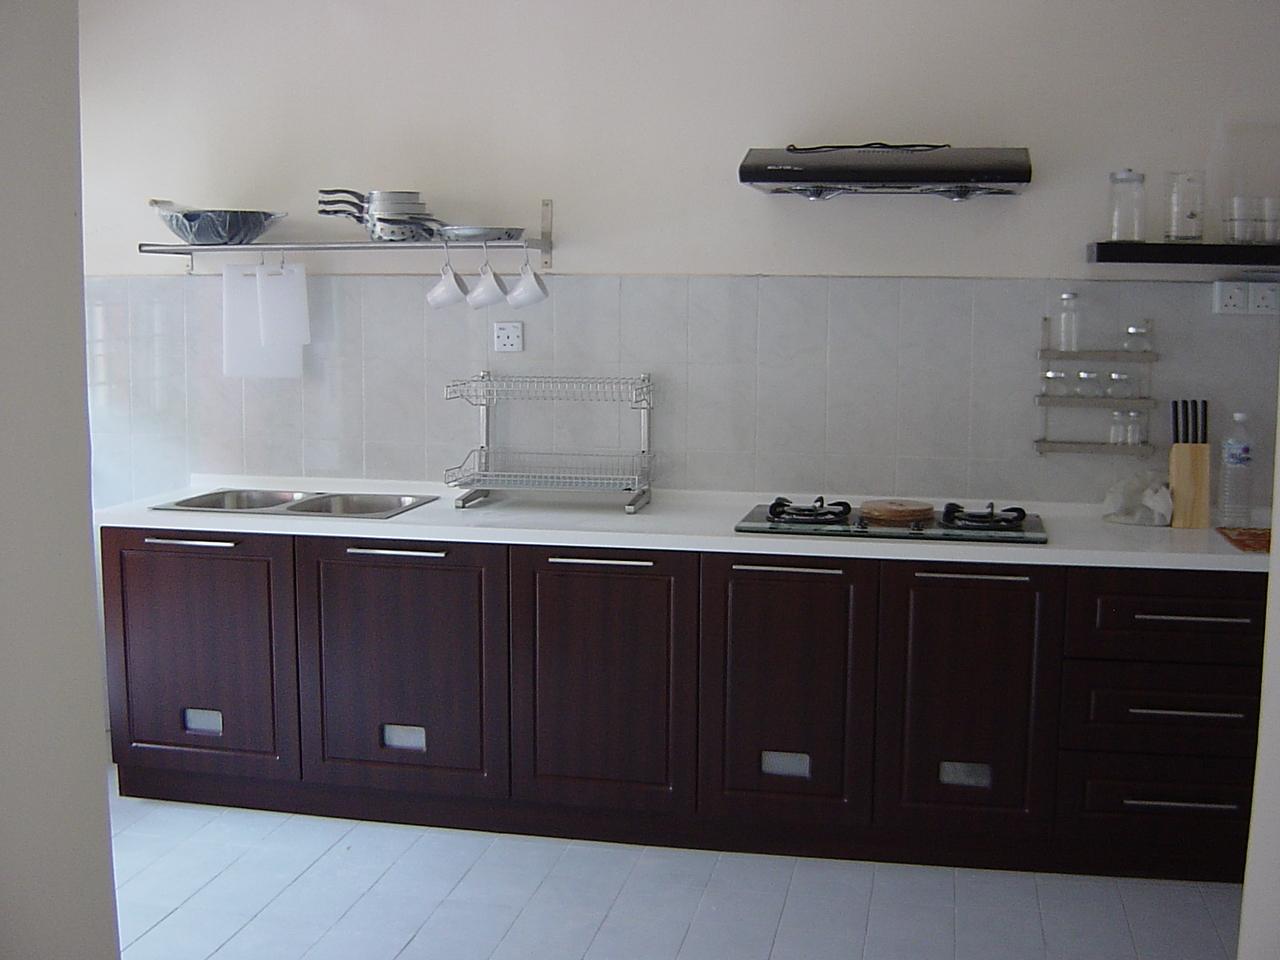 Kitchen kabinet collection photo gallery billion estates for Kitchen kabinet